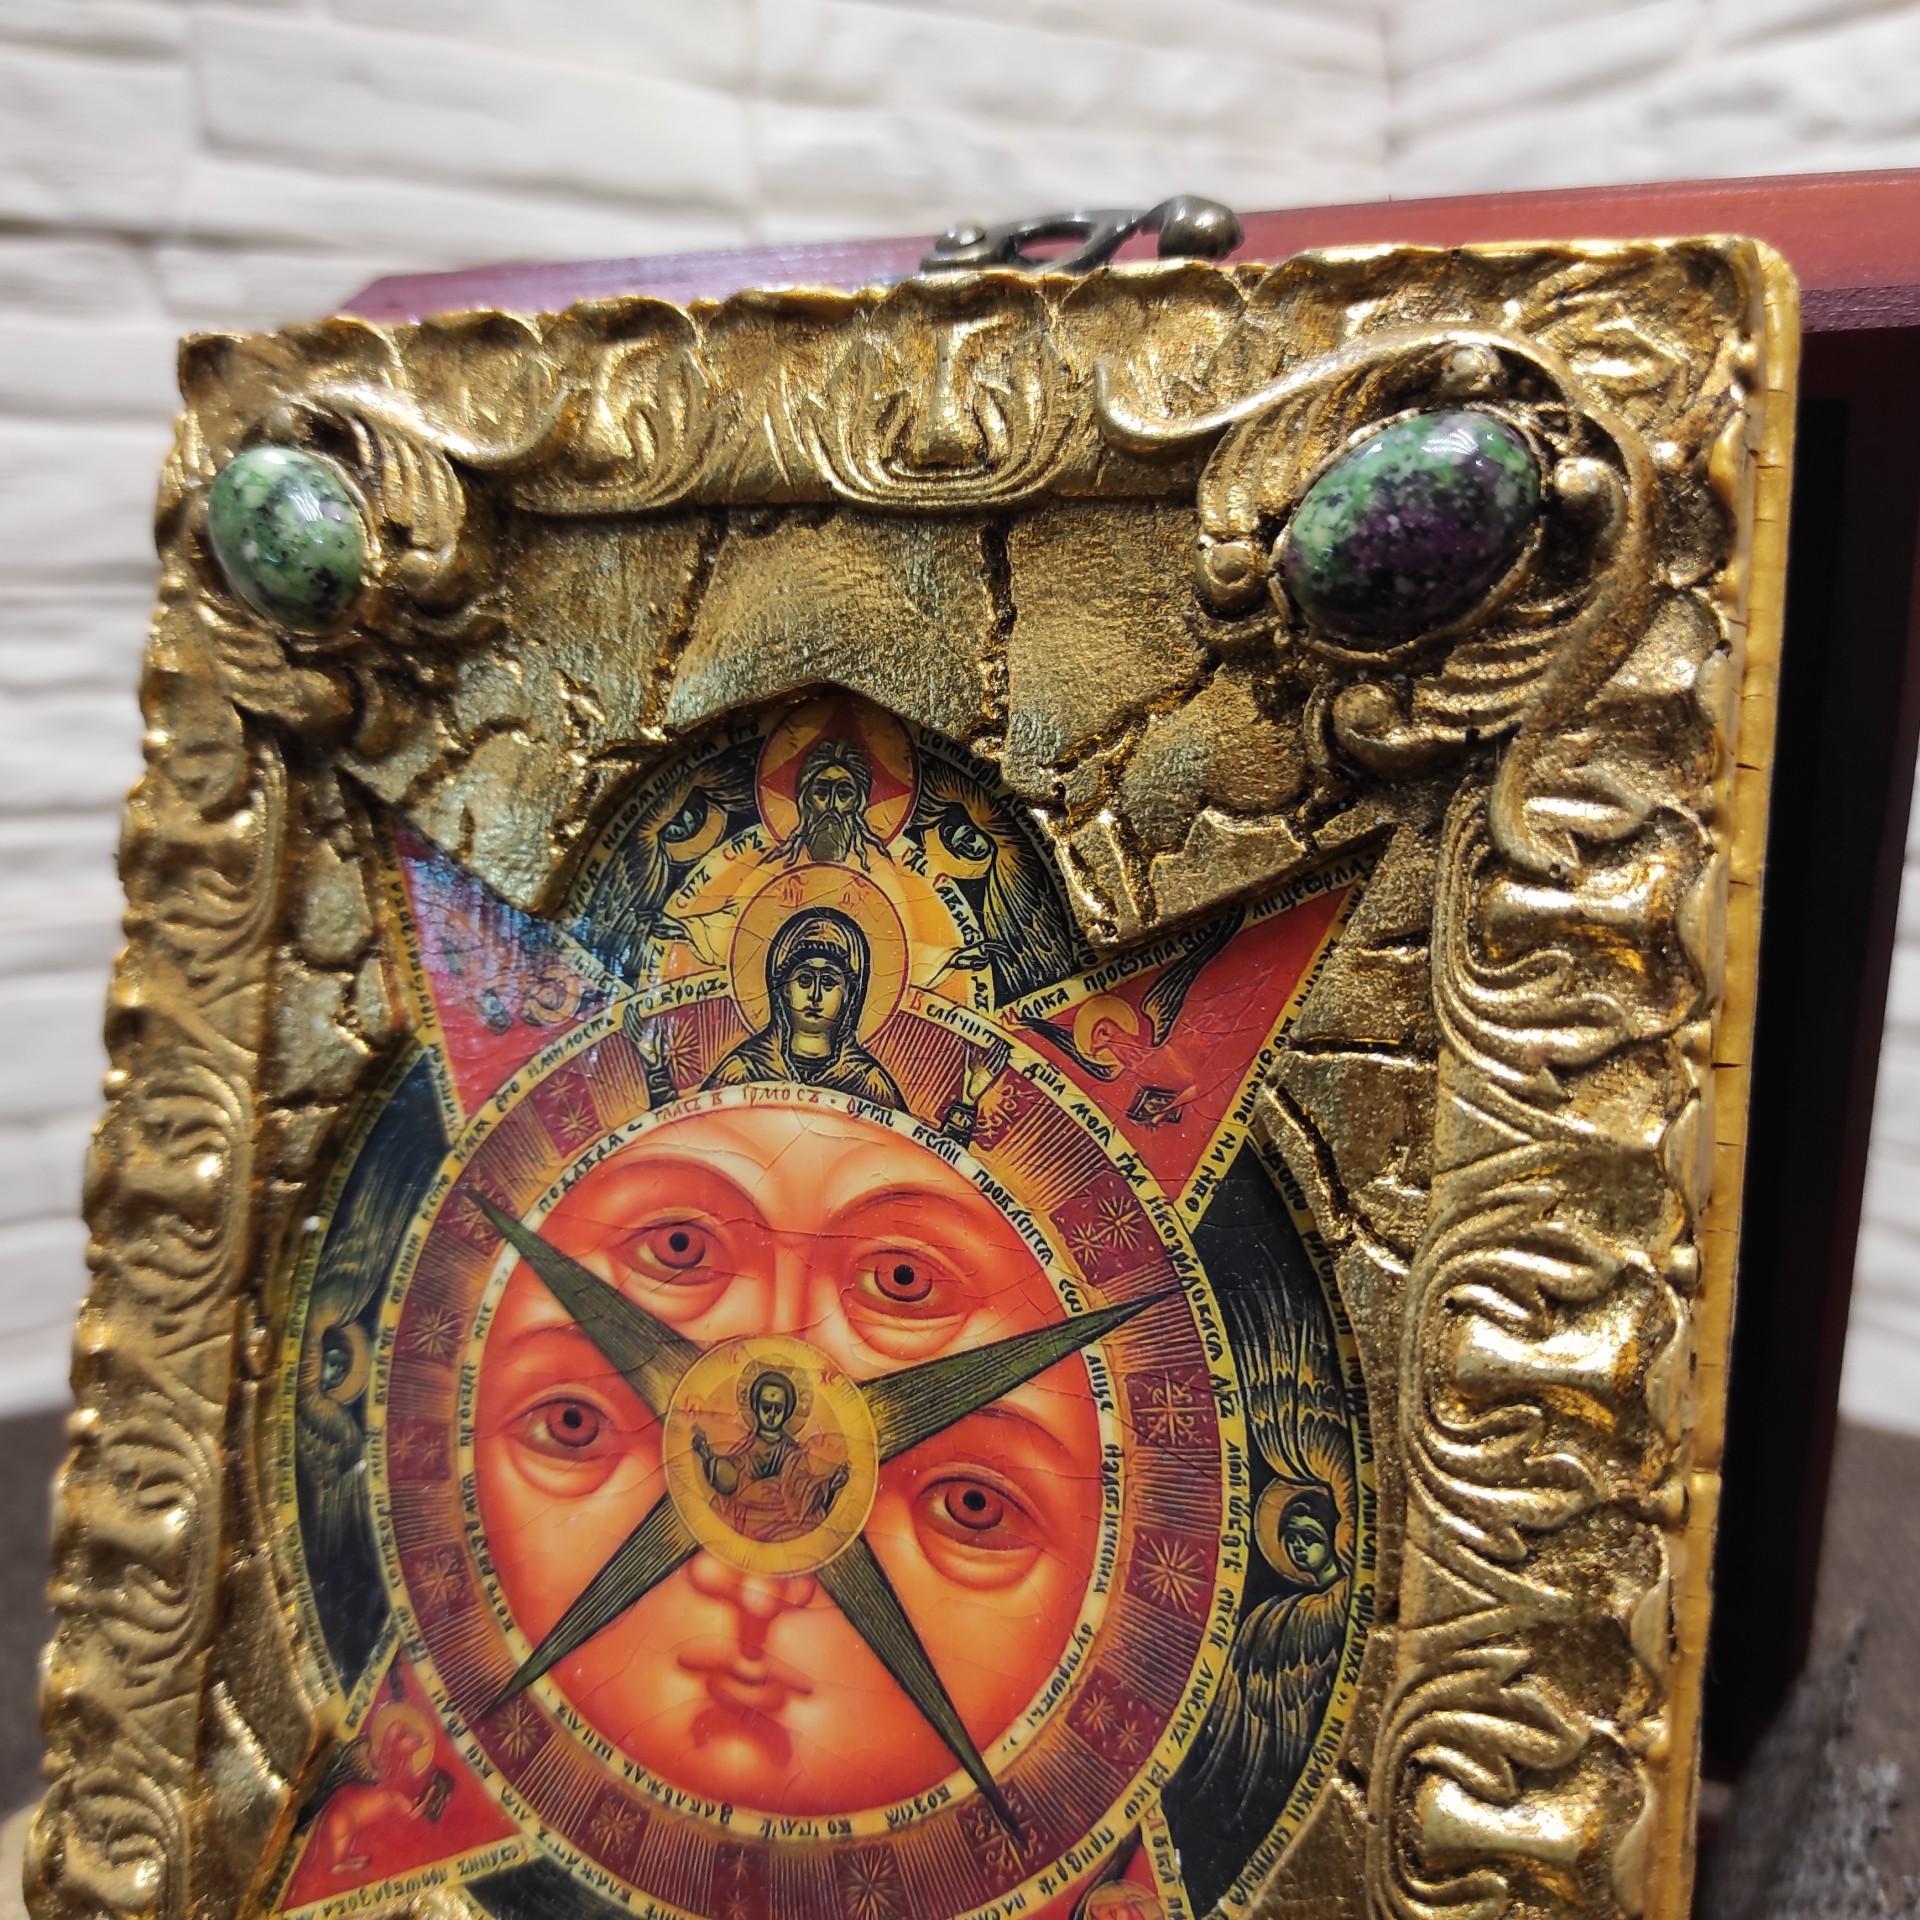 Фото верхних камней маленькой подарочной иконы Всевидящее око с камнями на подставке в футляре